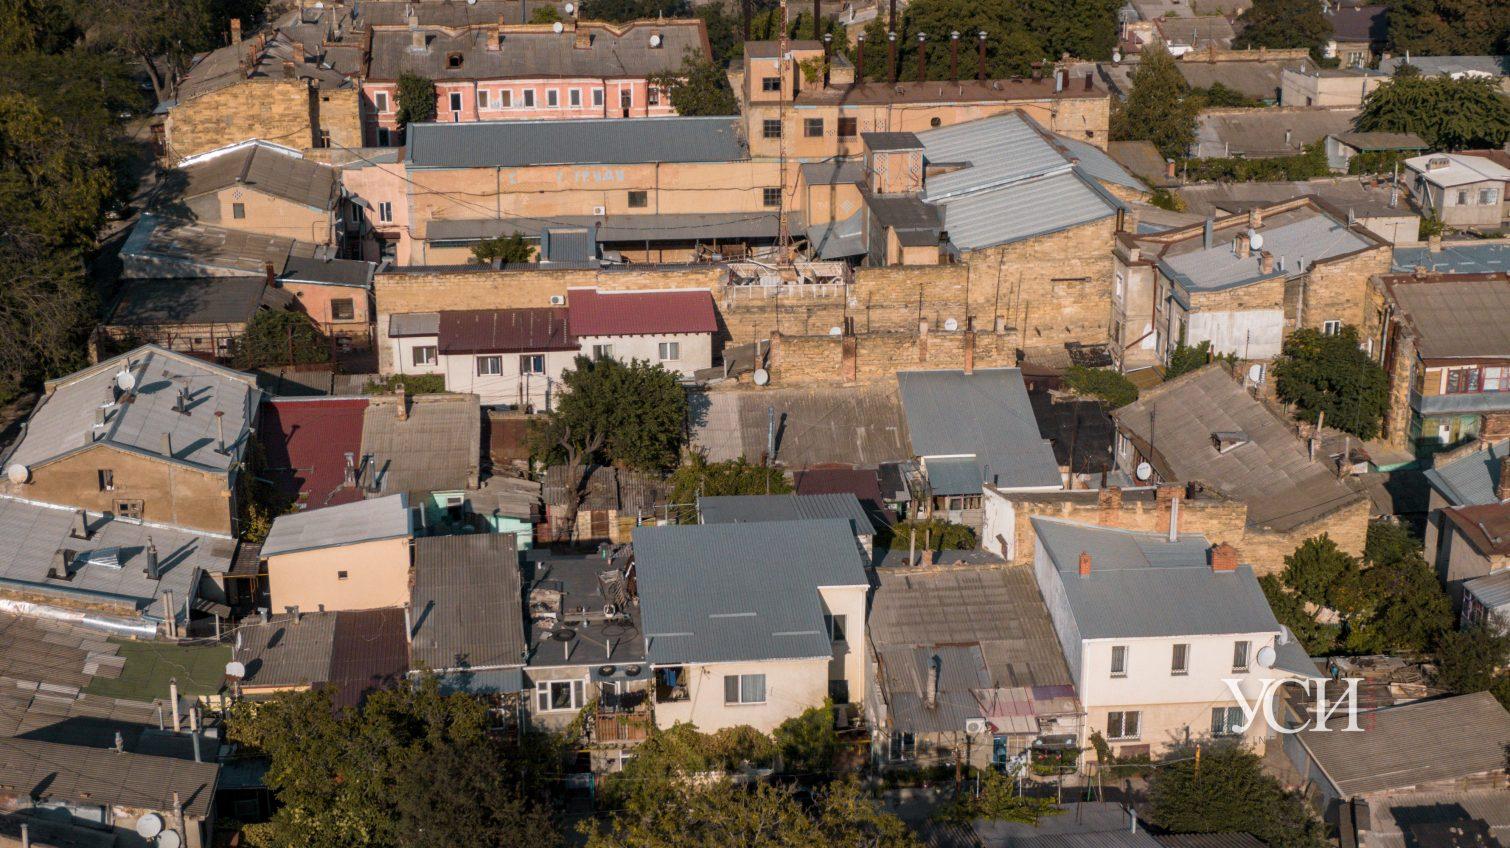 Много зелени, ракушника и пристроек: атмосферные дома Молдаванки с высоты птичьего полета (аэросъемка) «фото»